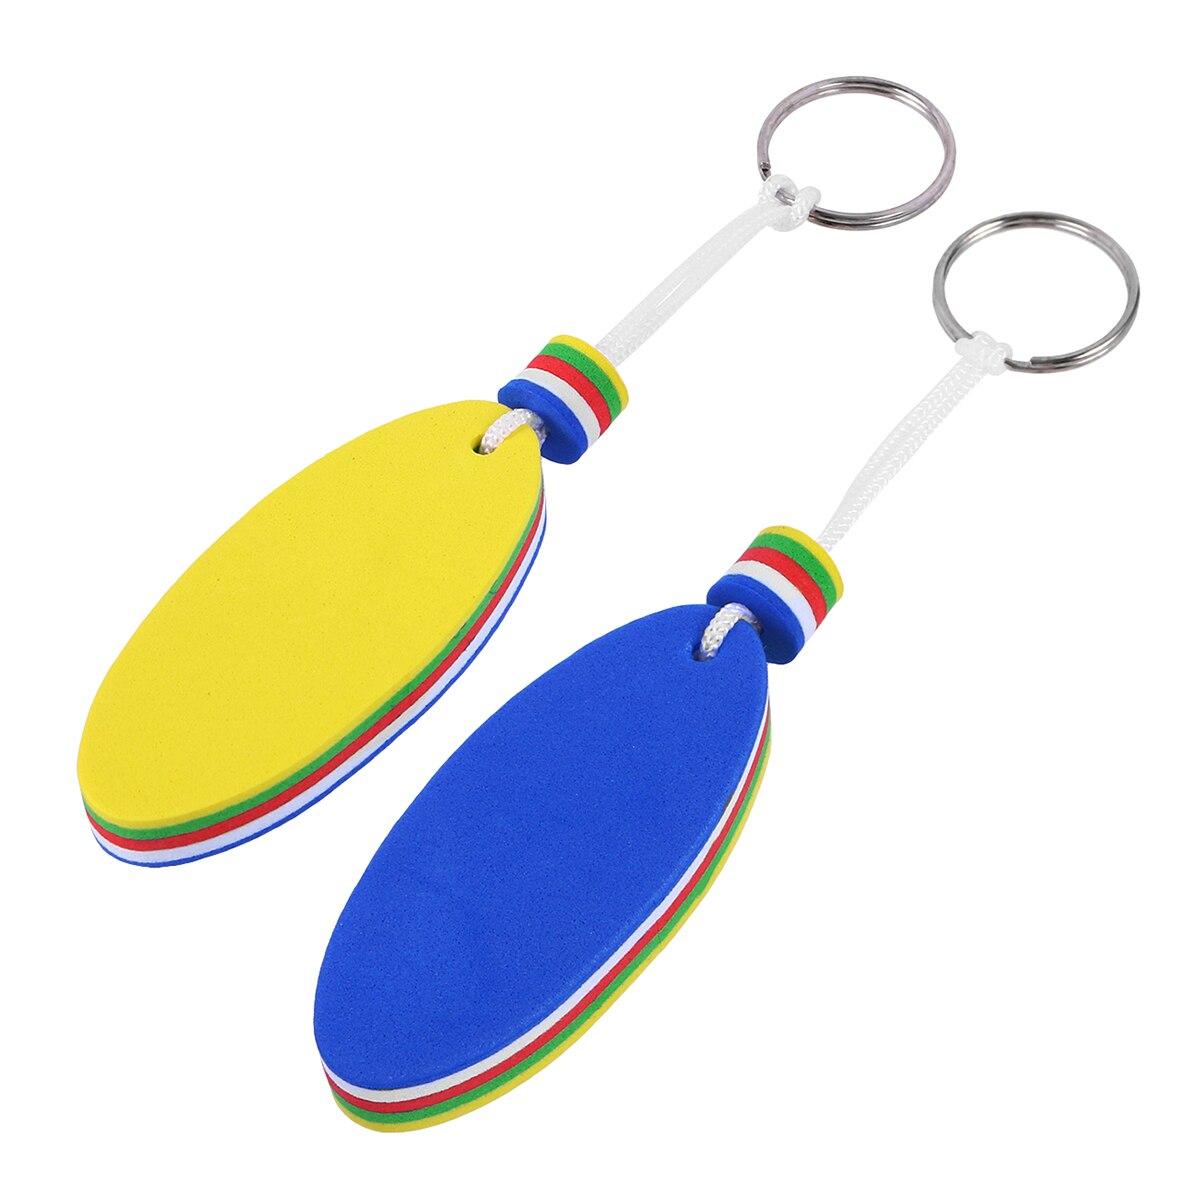 2pcs Oval EVA Floating Key Ring Beads Keychain Fishing Rafting Boating